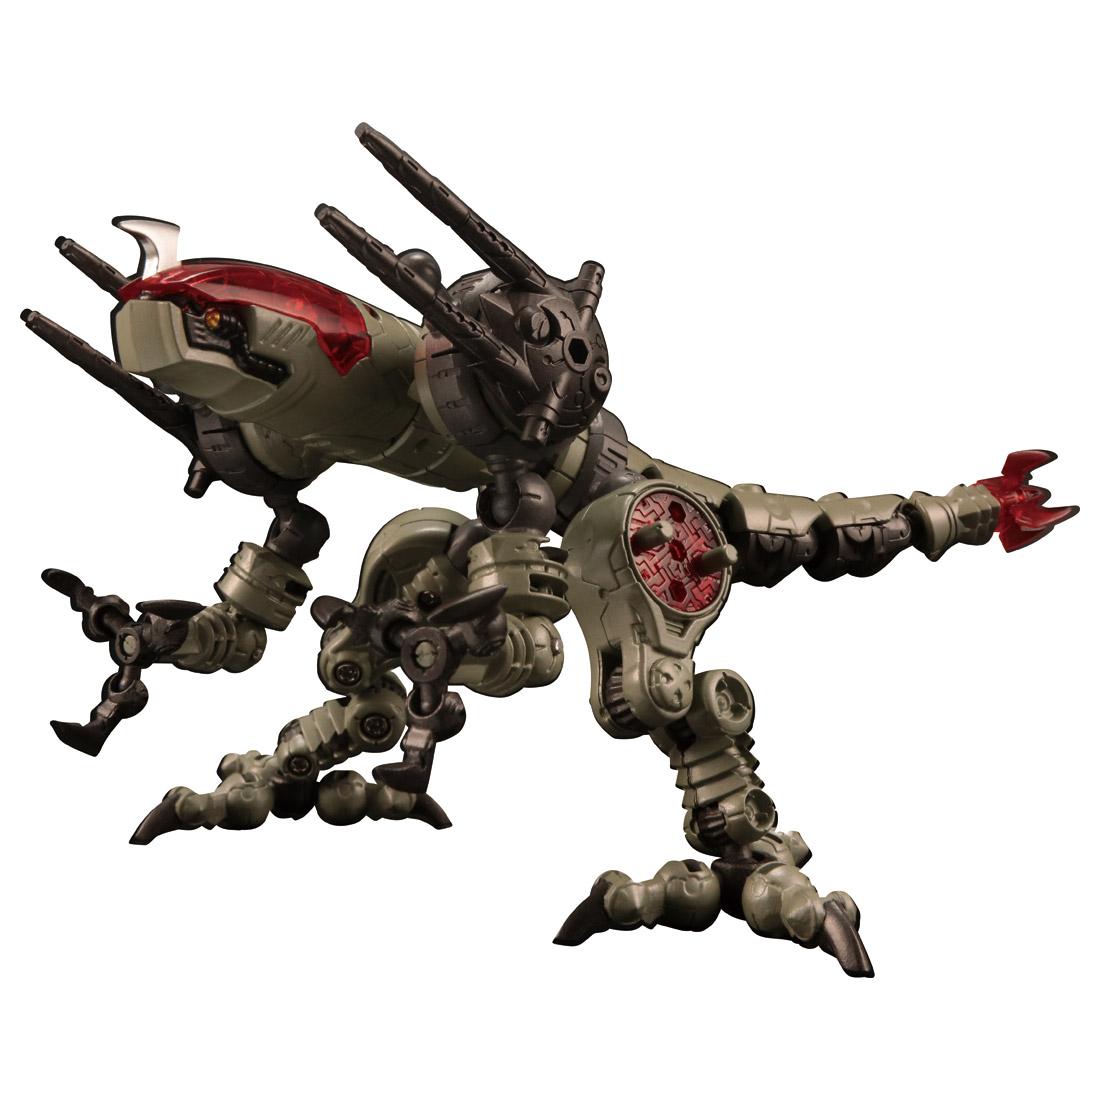 ダイアクロン『DA-31 ワルダレイダー ラプトヘッド』可動フィギュア-001